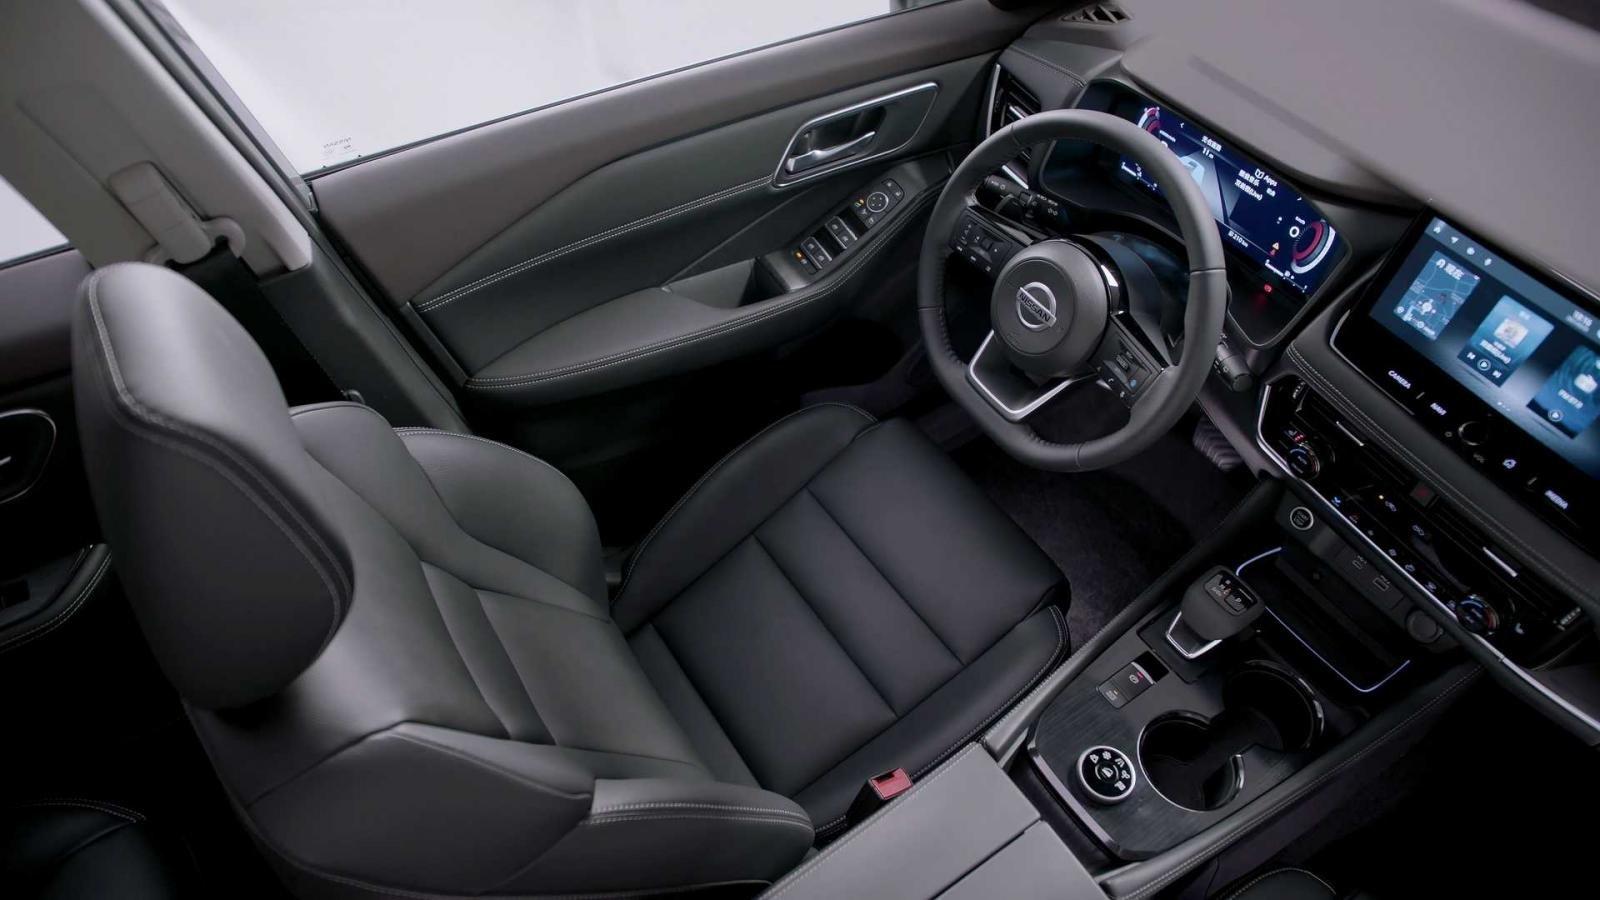 [Auto Shanghai 2021] Nissan X-Trail 2022 mới sở có nội thất đẹp mắt, ấn tượng hơn trước.